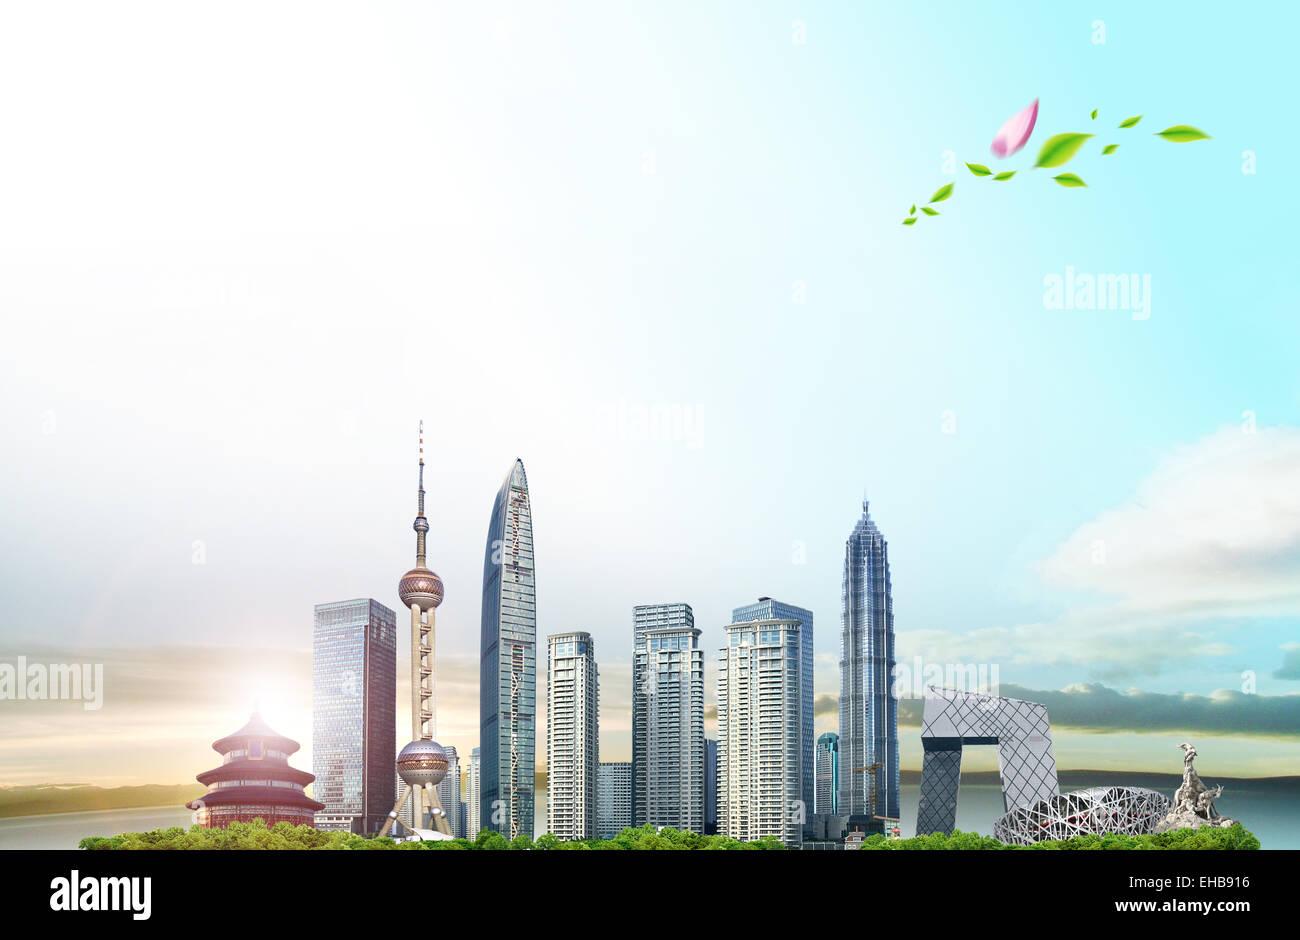 China city landmarks - Stock Image